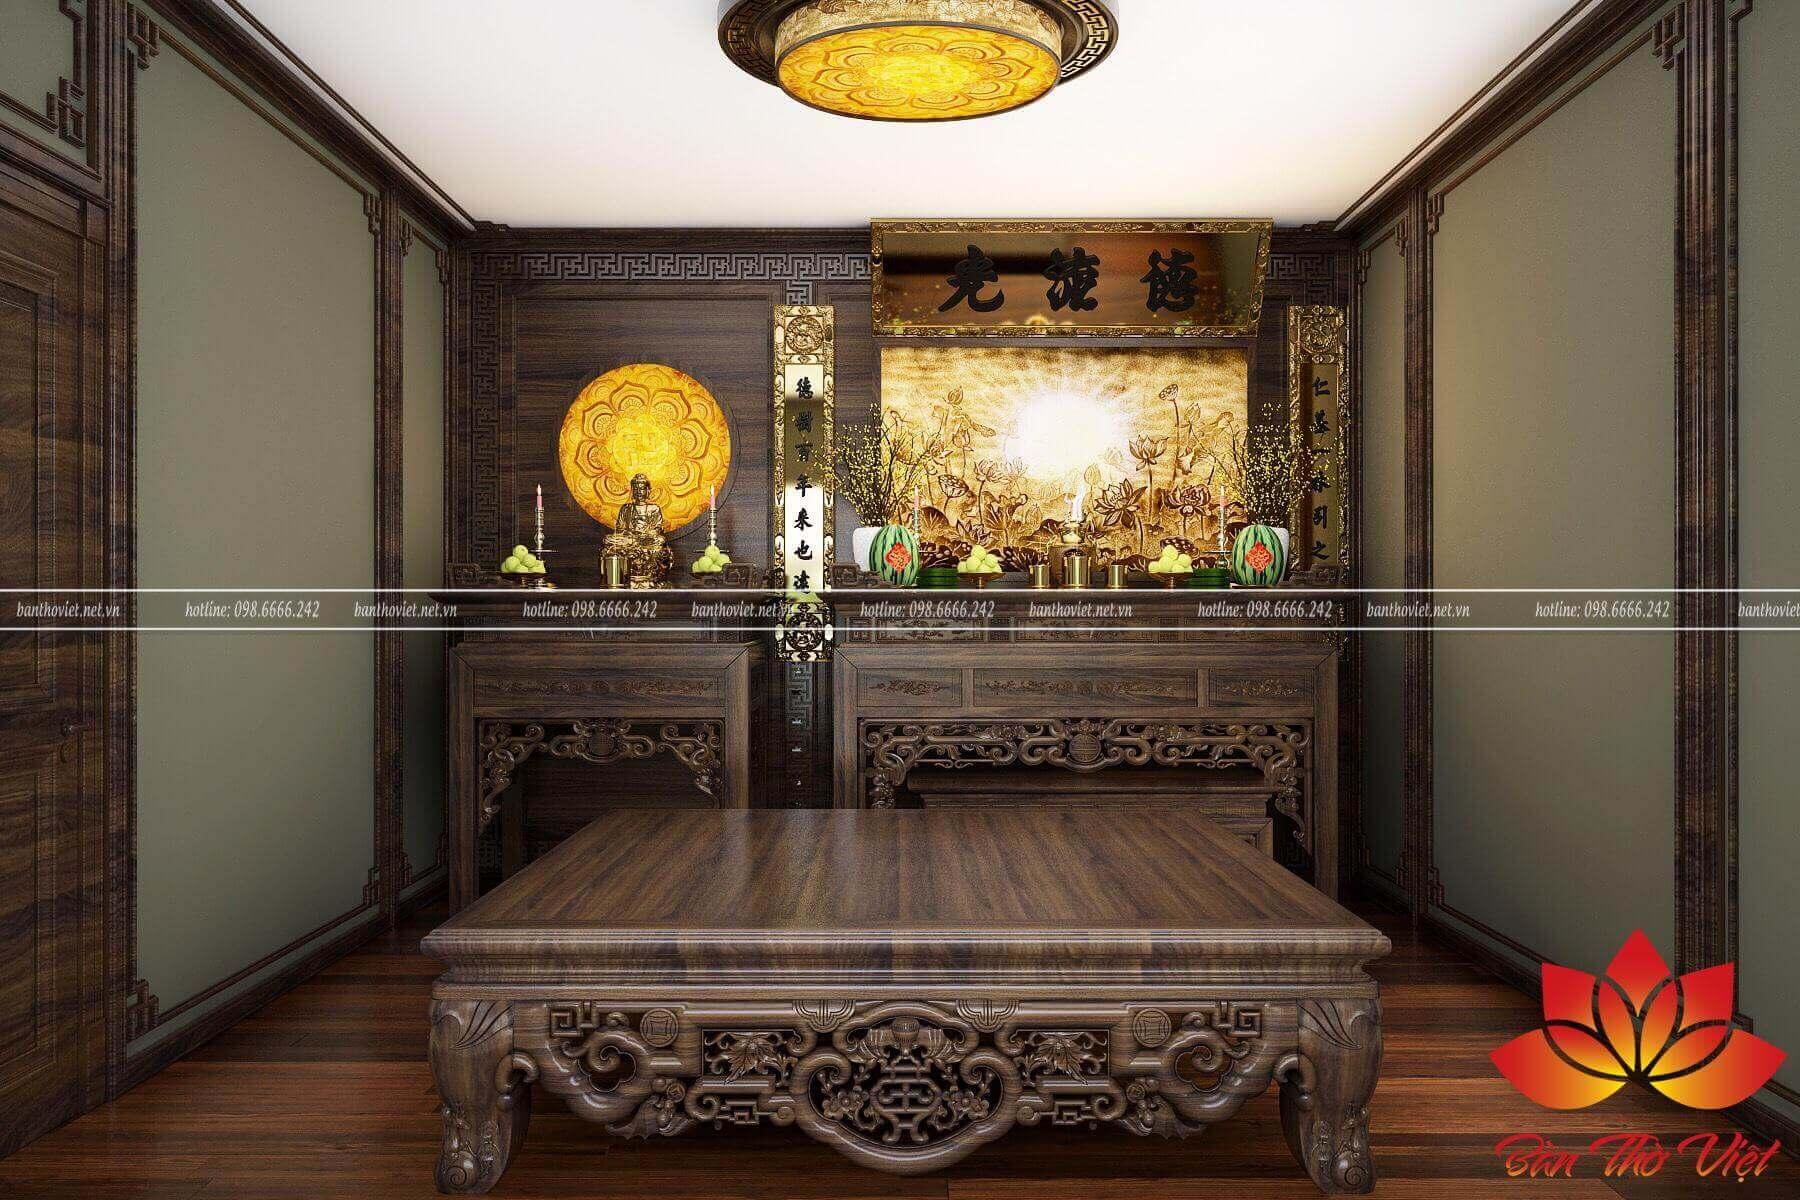 Tranh phong thủy phòng thờ dưới đèn phòng thờ có màu sắc và phong cách cổ điển